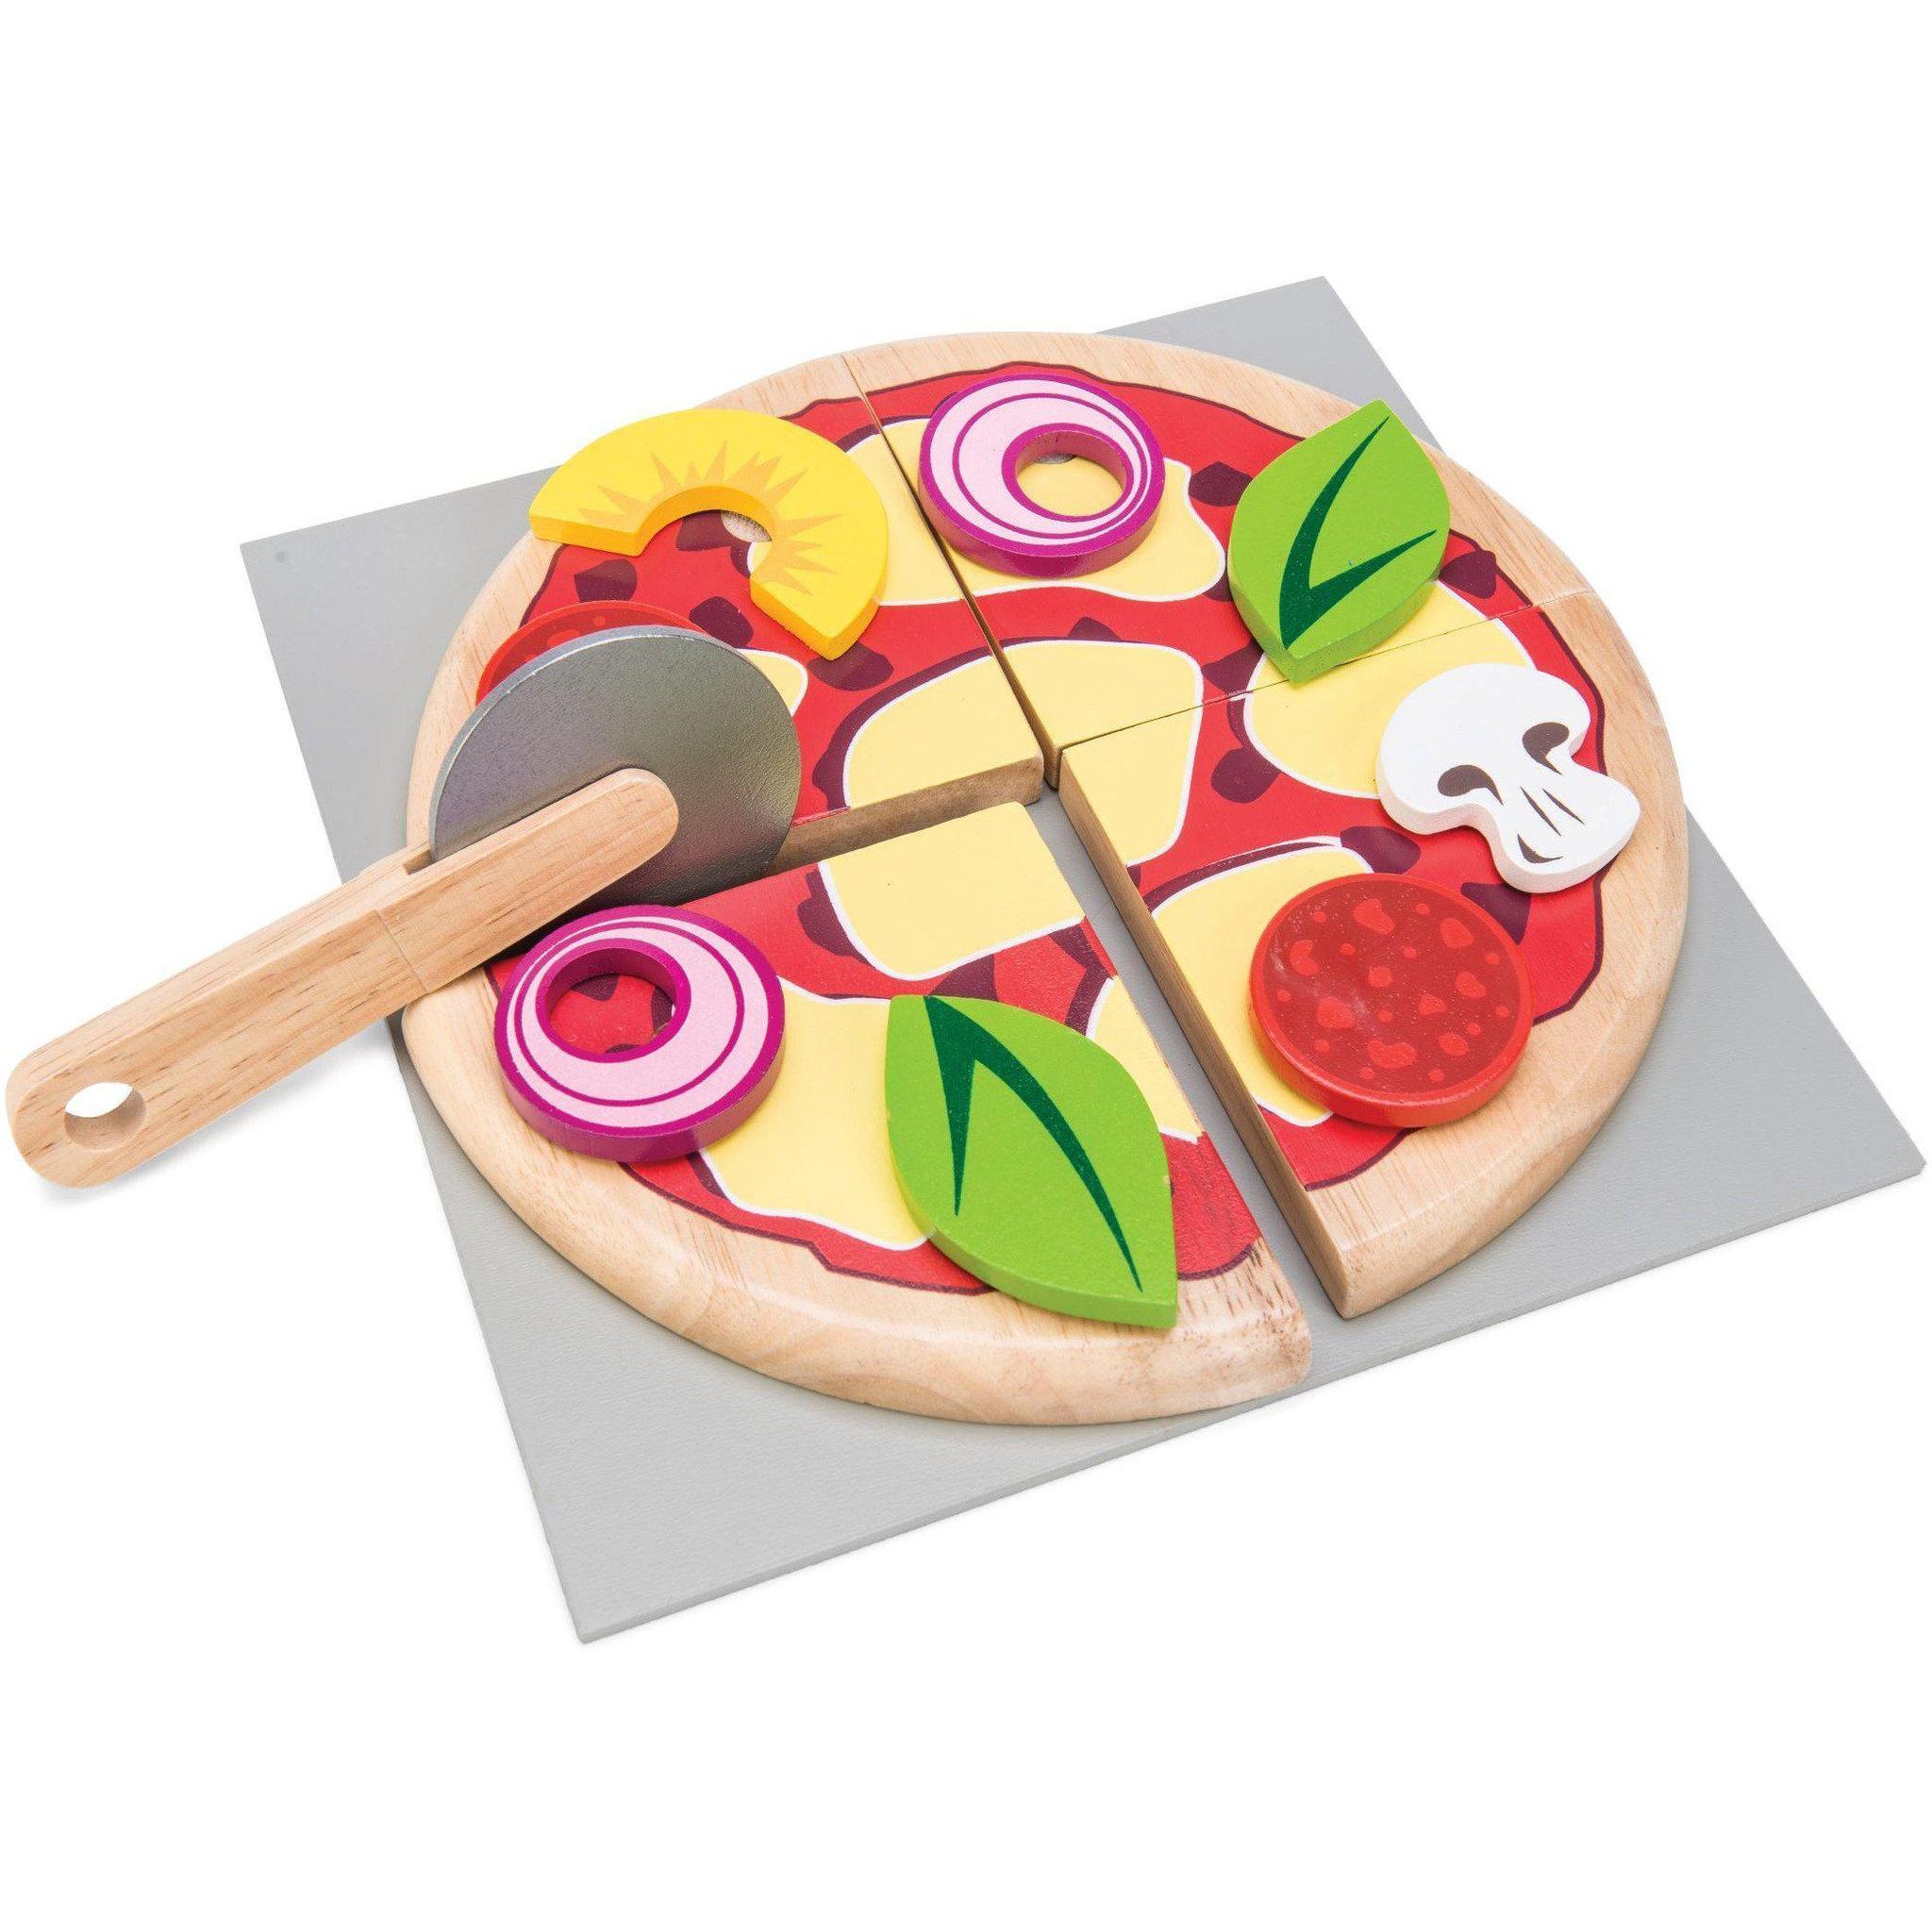 Pizza à découper le toy van